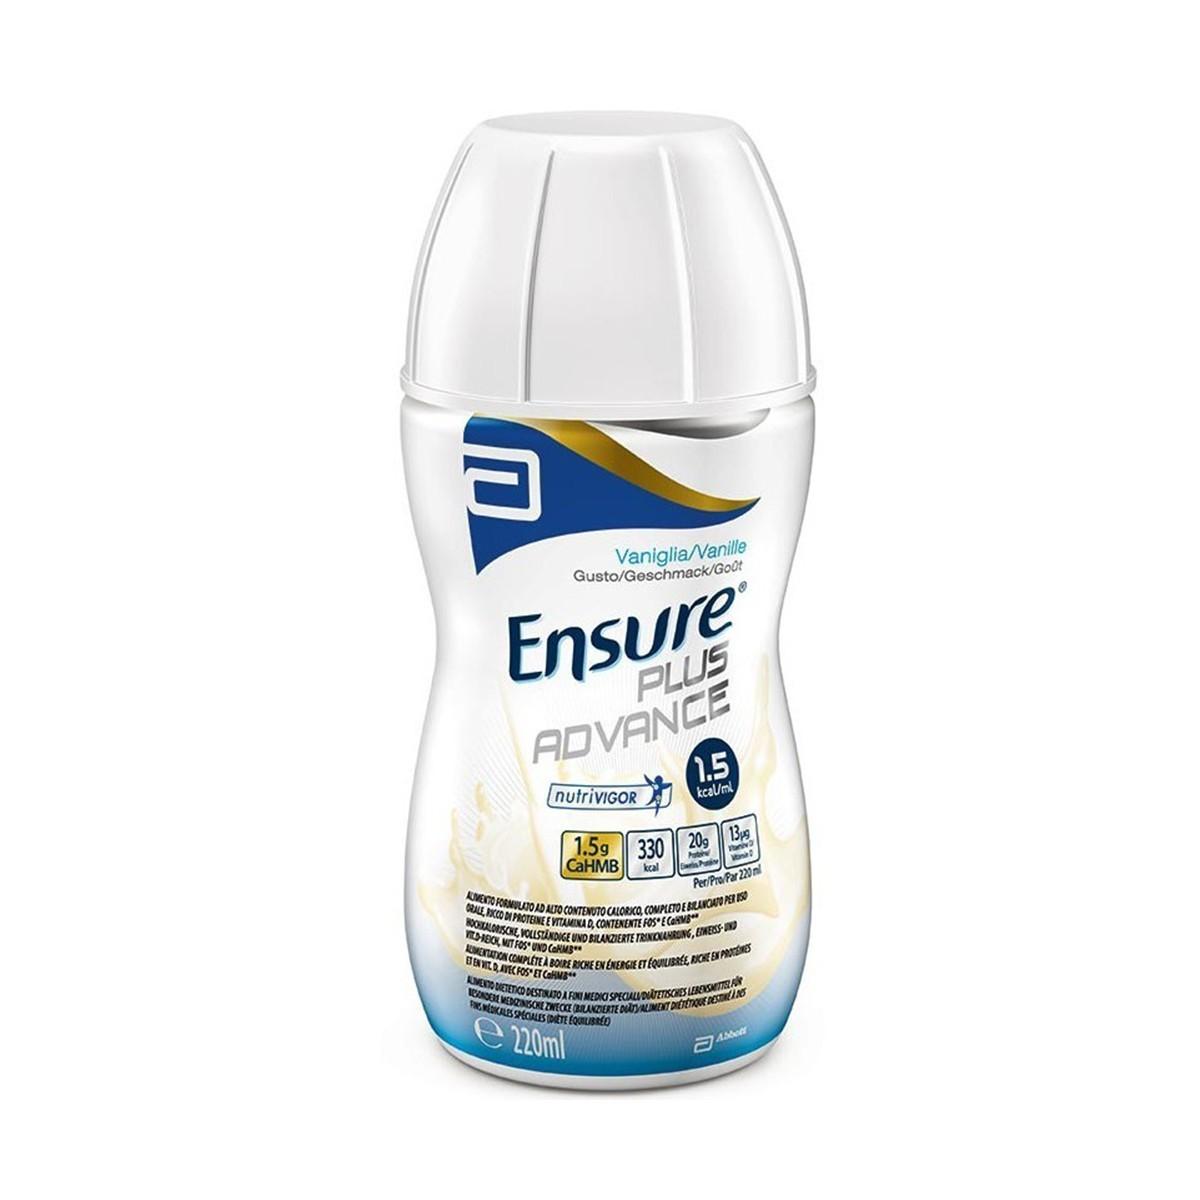 Sữa Ensure Plus Advance - Phù hợp cho bệnh nhân suy dinh dưỡng